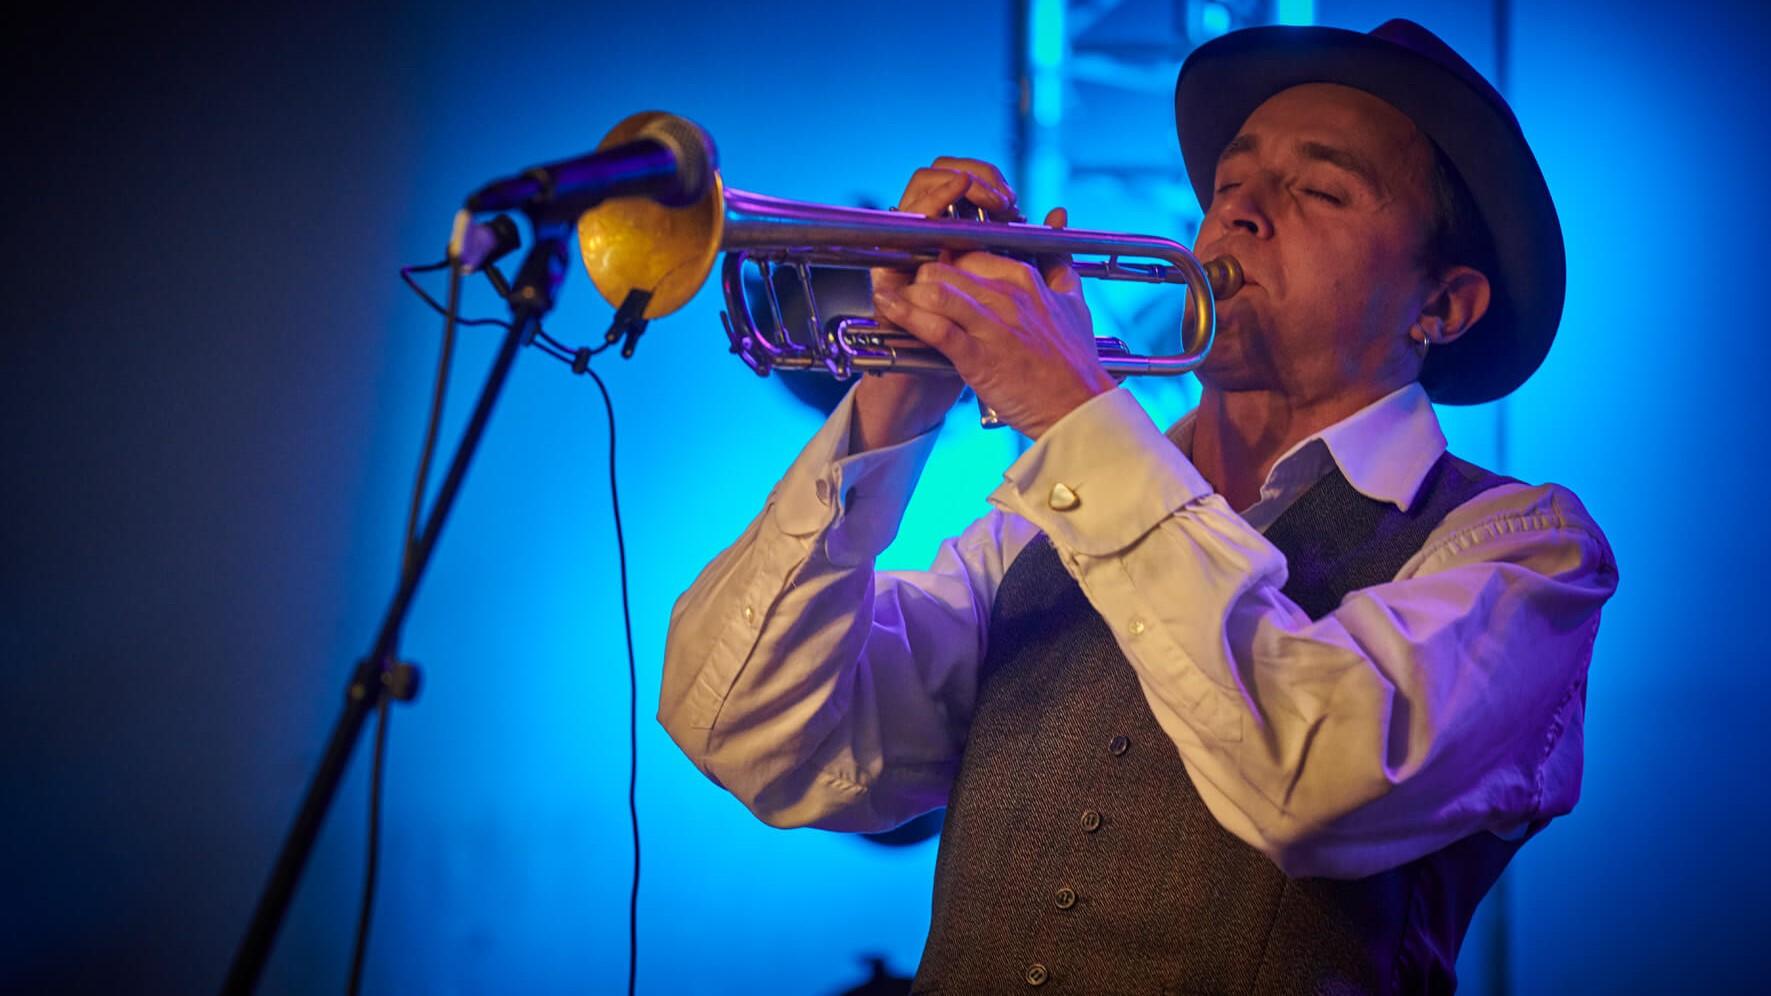 trompet performer live lectro dj lille france hauts de france show